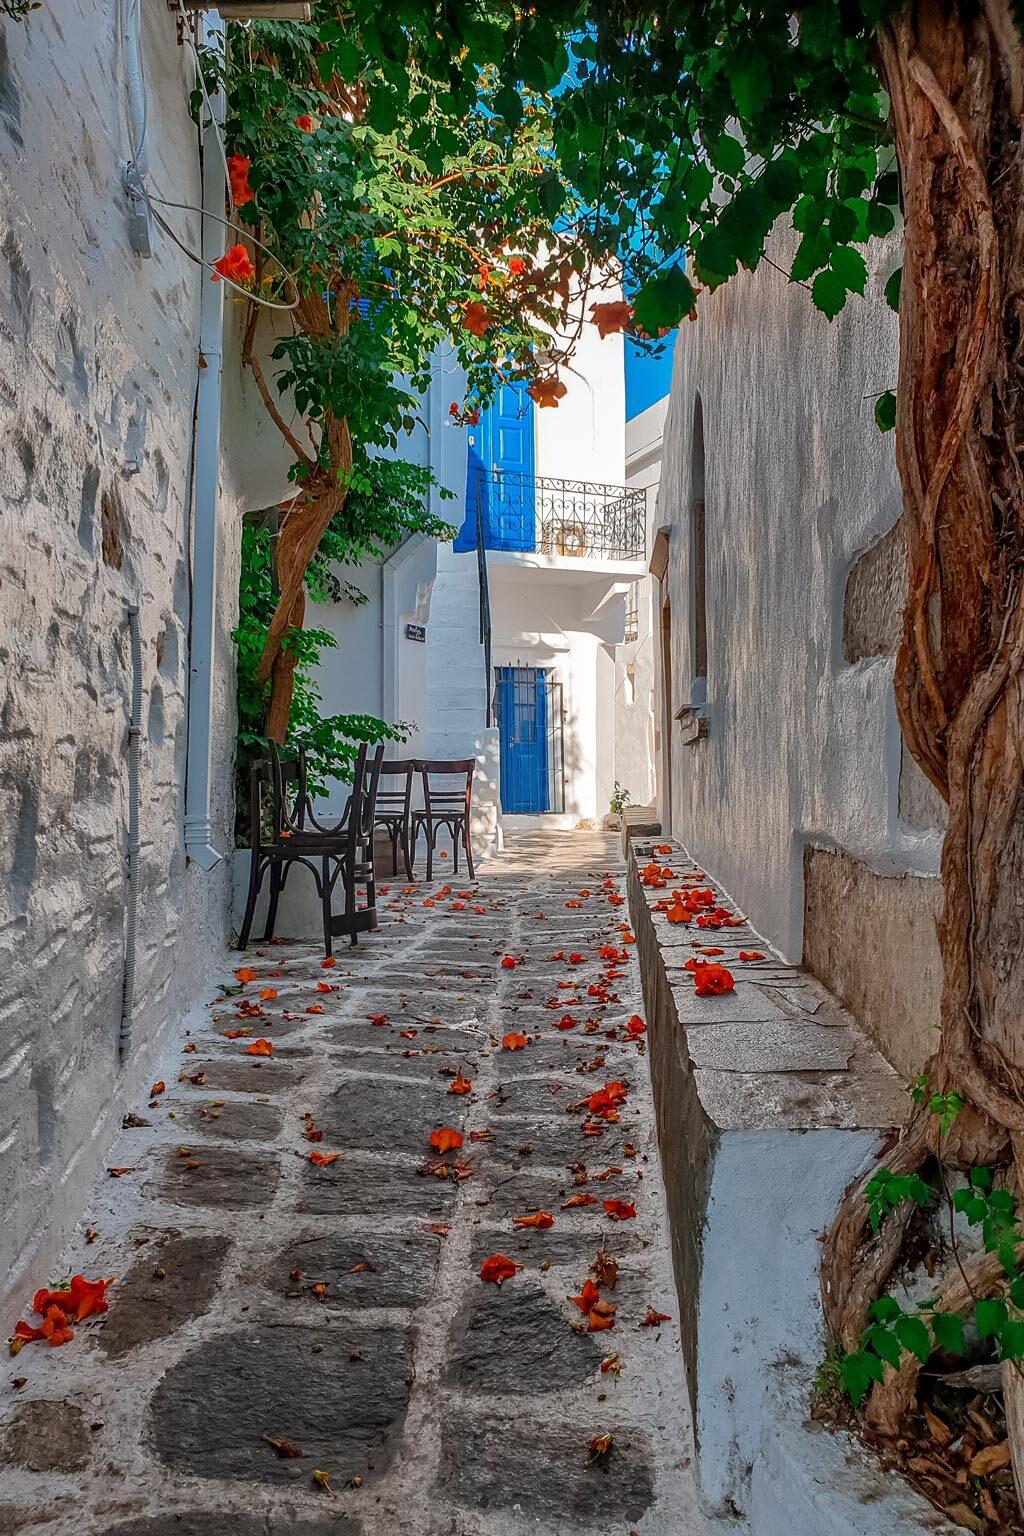 Narrow Street in Old Town of Parikia Paros